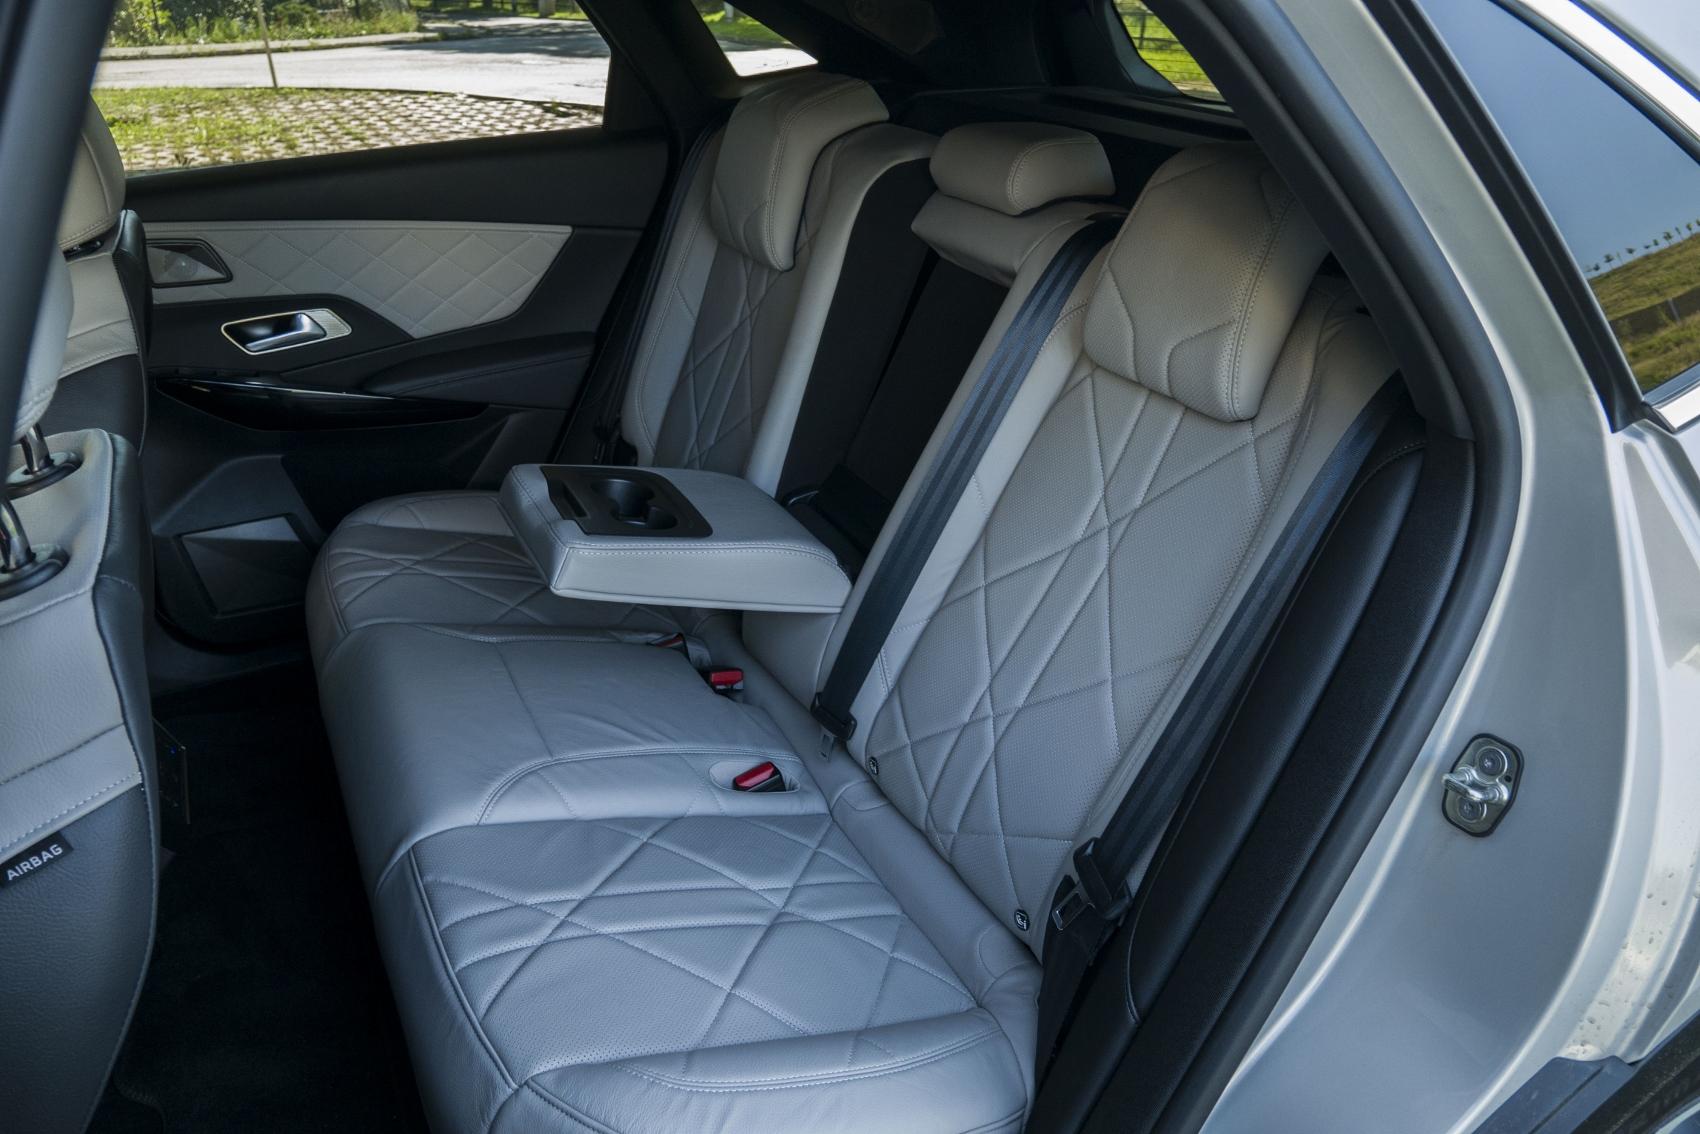 Test: DS 7 Crossback E-Tense kombinuje výborný pohon a luxusnú výbavu oxeoTH4XYN ds-7-crossback-32